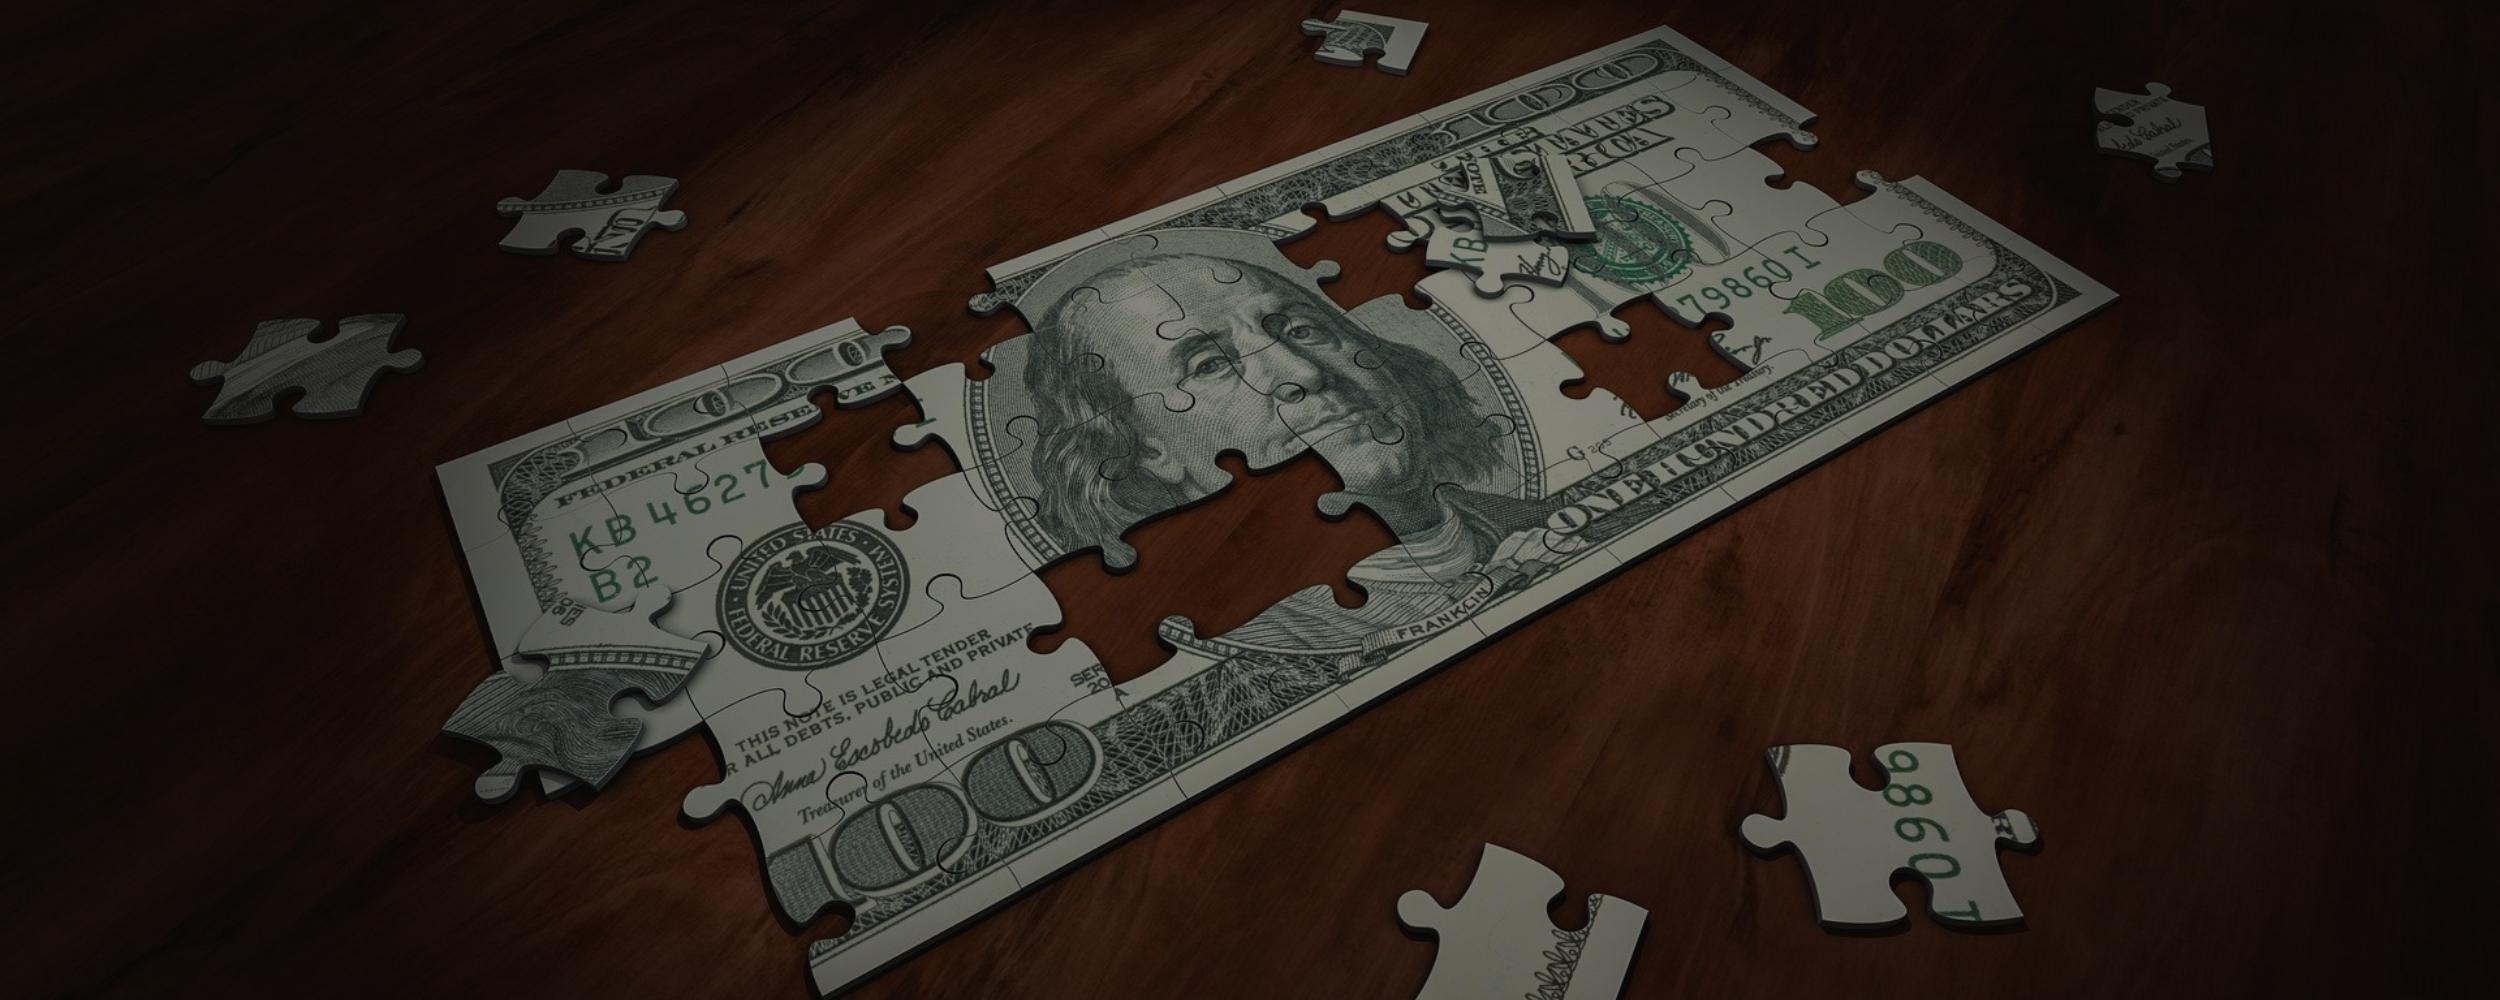 Banco Popular: vía penal o vía civil, los consumidores afectados ante decisiones difíciles